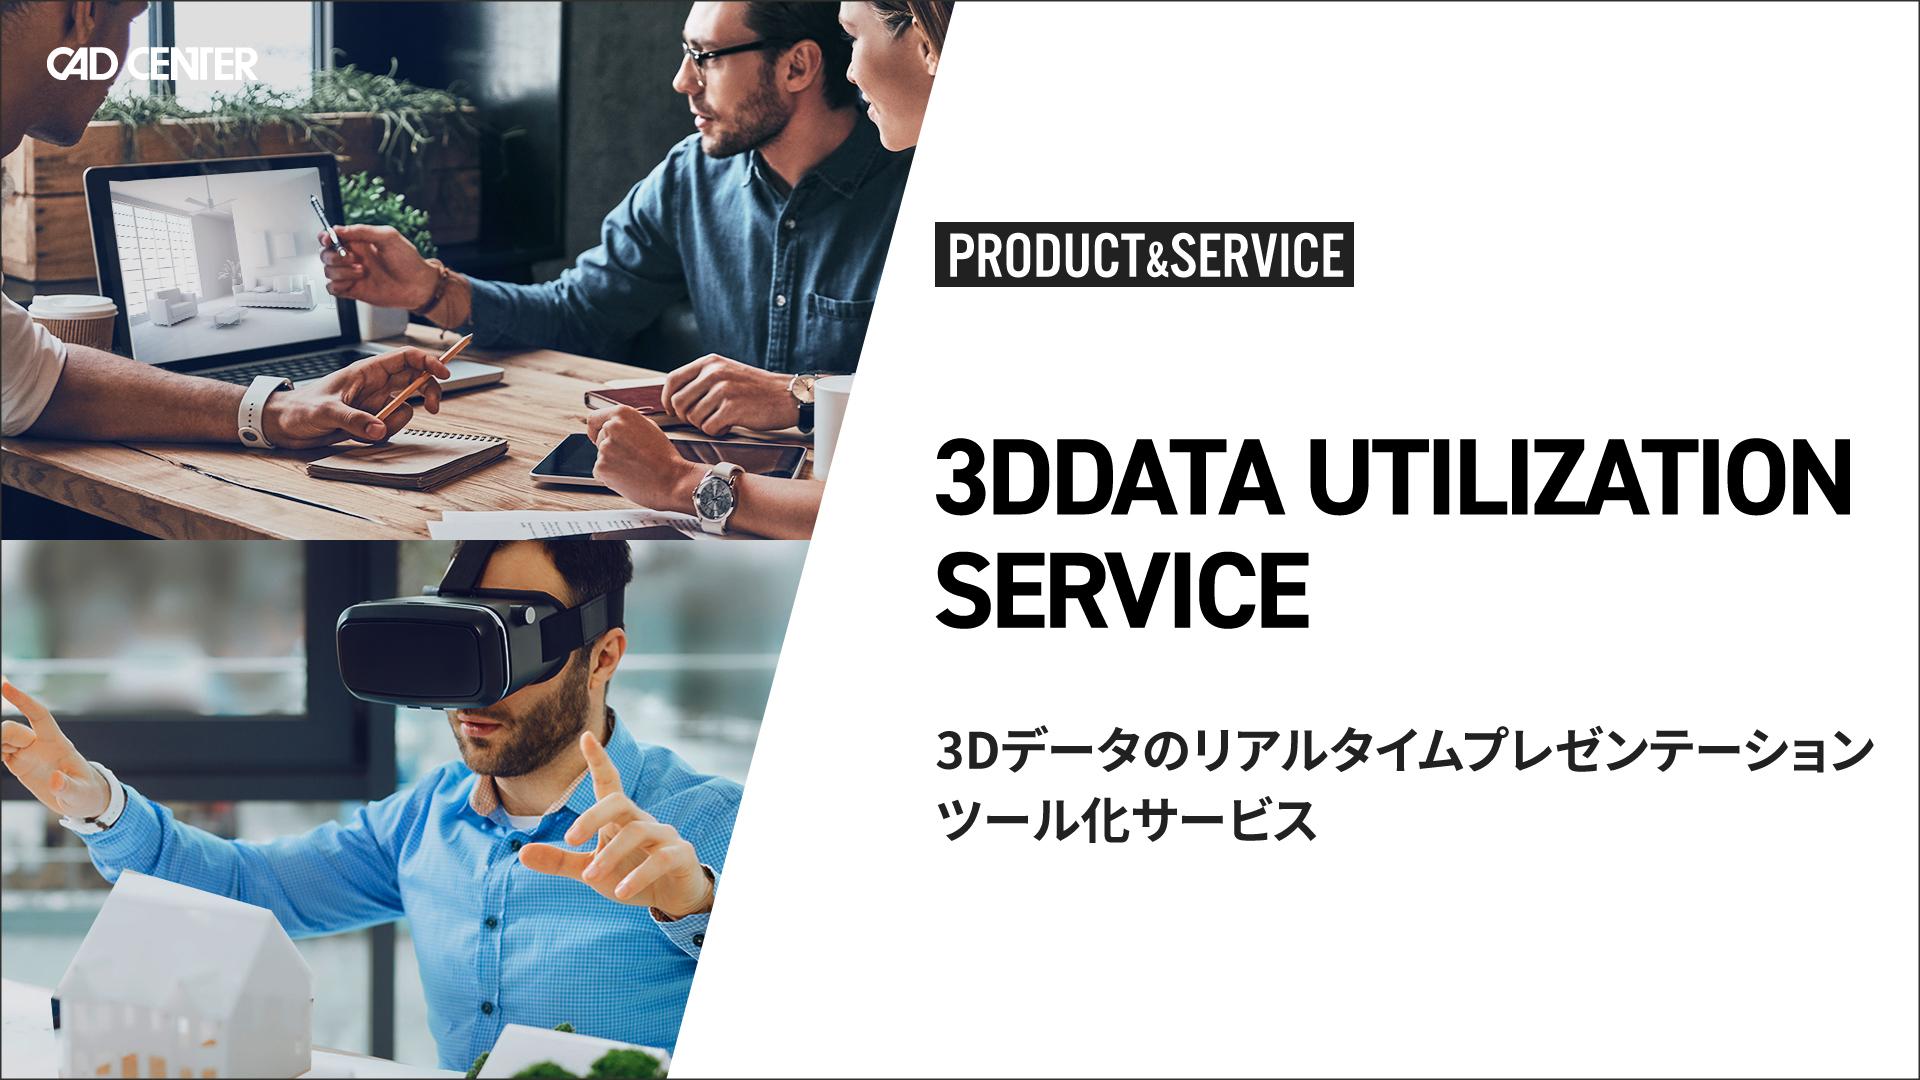 BIMデータをより汎用的かつハイクオリティな3Dデータに変換し、各種3Dコンテンツとして提供するサービスです。